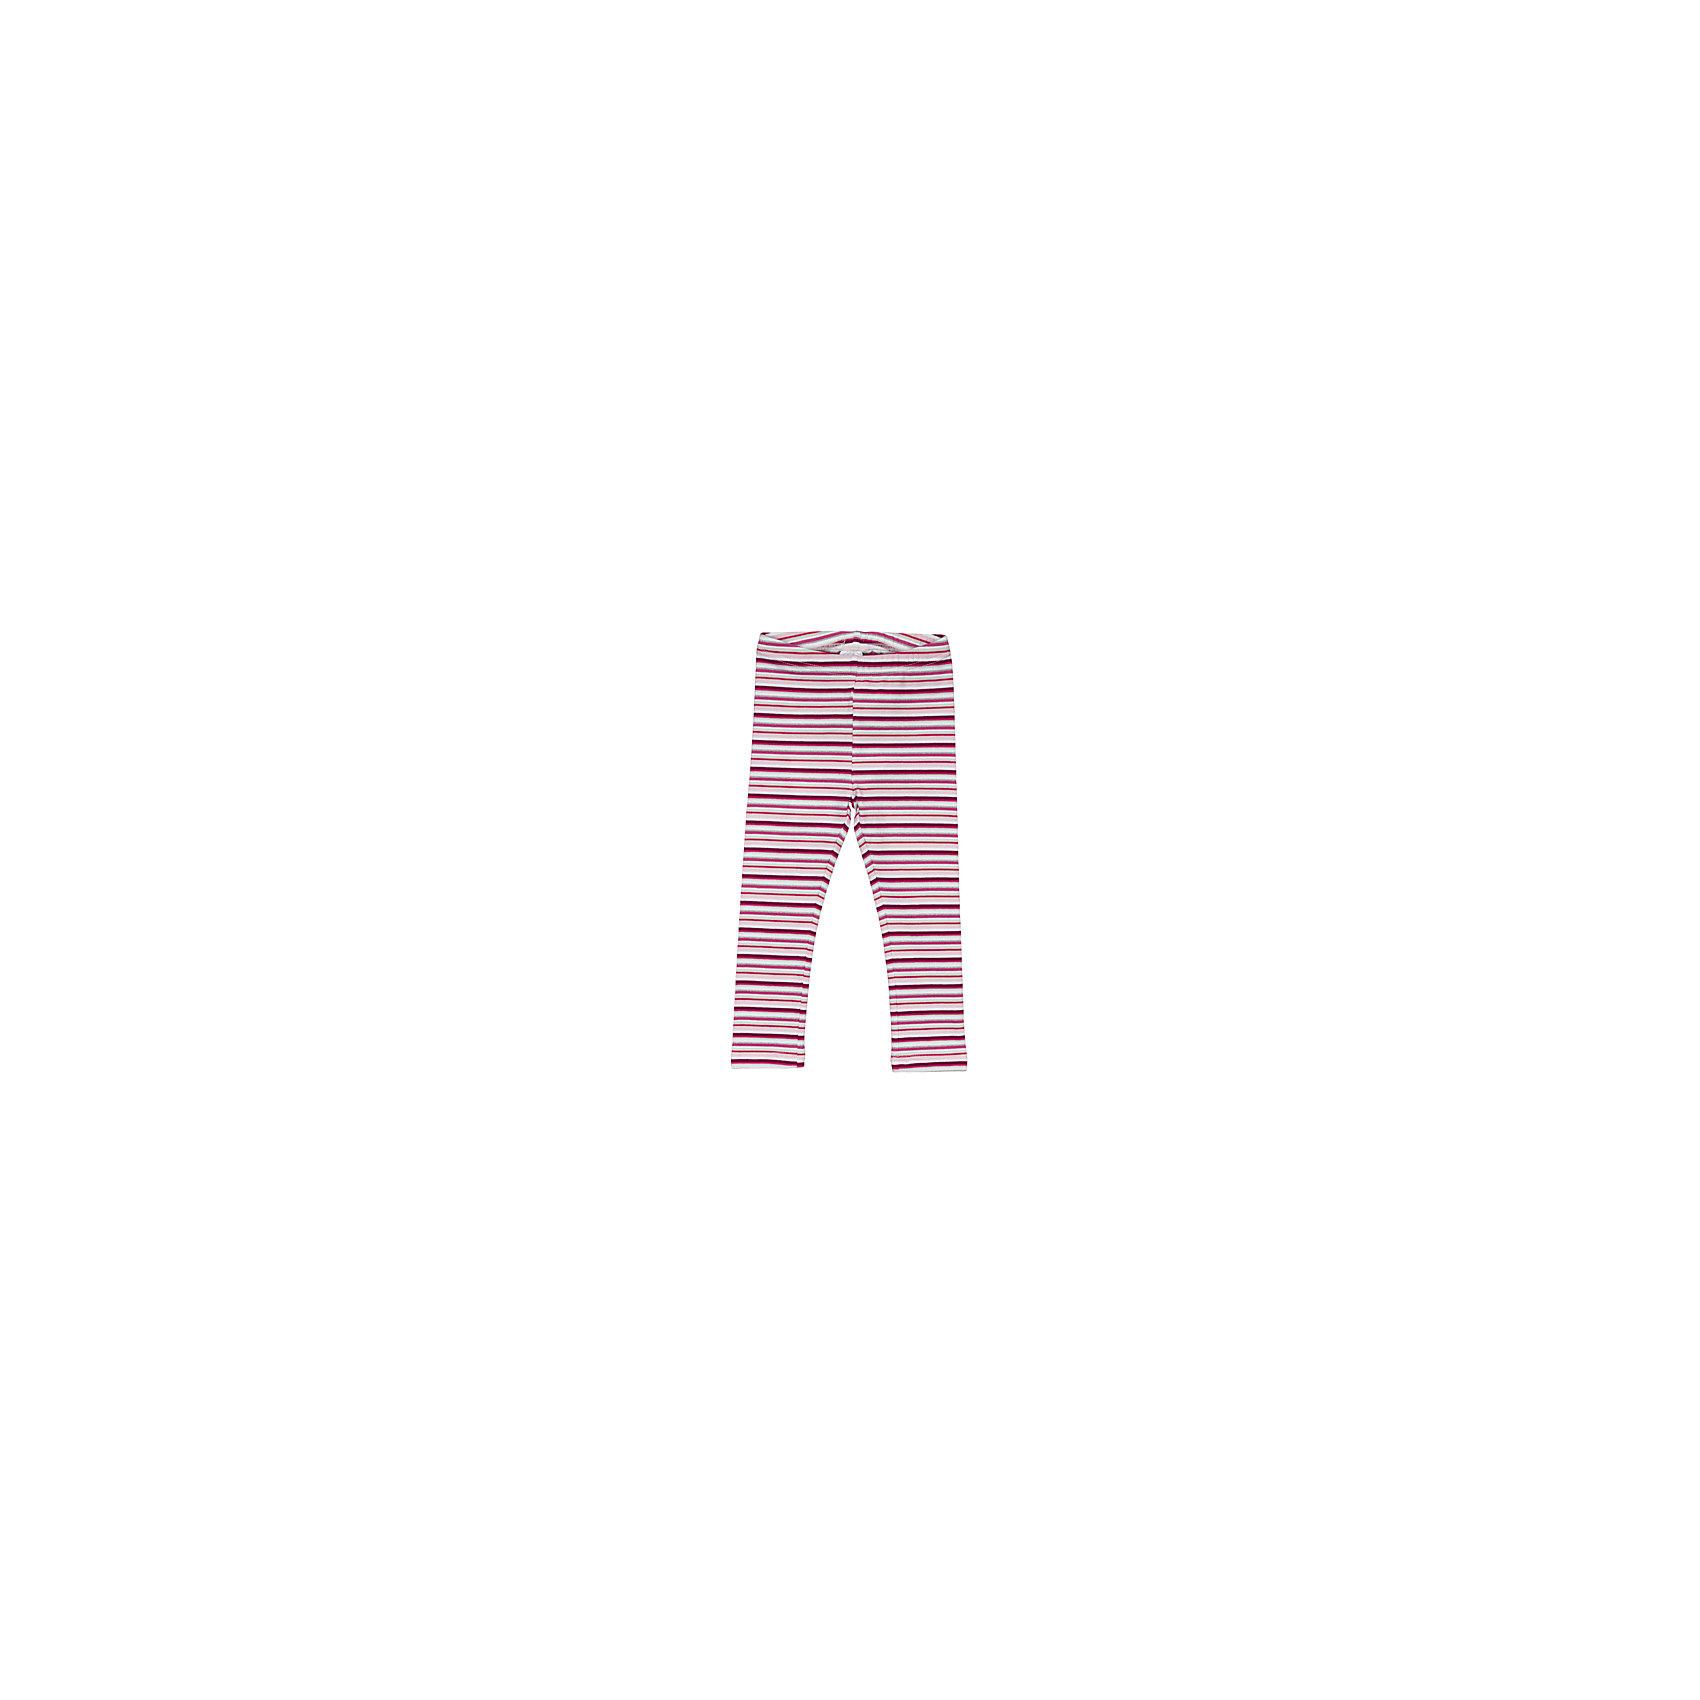 Брюки для девочки PlayTodayБрюки для девочки от известного бренда PlayToday.<br>Стильные полосатые леггинсы из эластичного трикотажа. Пояс на мягкой резинке.<br>Состав:<br>95% хлопок, 5% эластан<br><br>Ширина мм: 157<br>Глубина мм: 13<br>Высота мм: 119<br>Вес г: 200<br>Цвет: розовый<br>Возраст от месяцев: 12<br>Возраст до месяцев: 18<br>Пол: Женский<br>Возраст: Детский<br>Размер: 86,92,74,80<br>SKU: 4900801